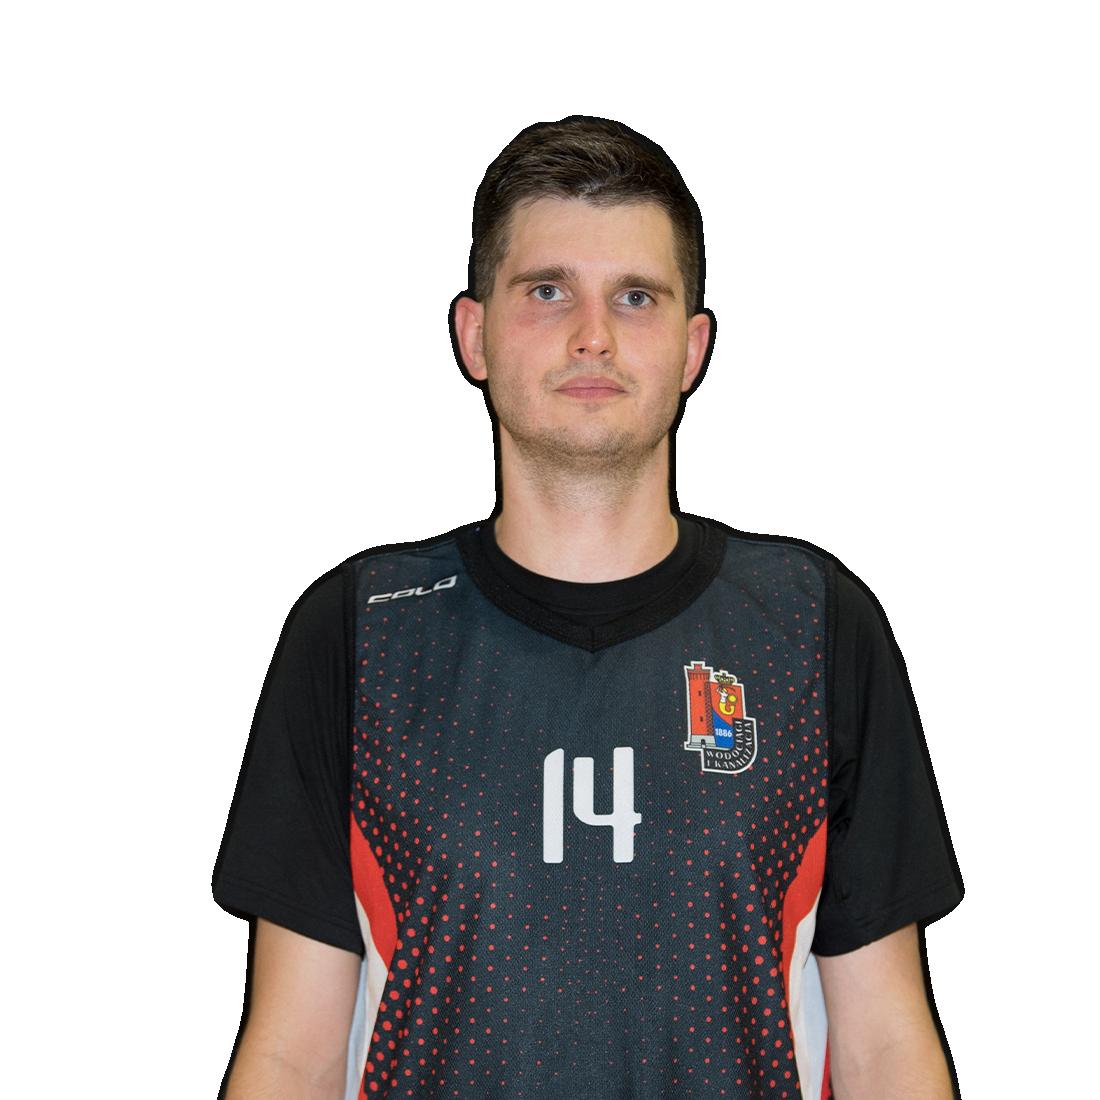 Piotr Czepukojć